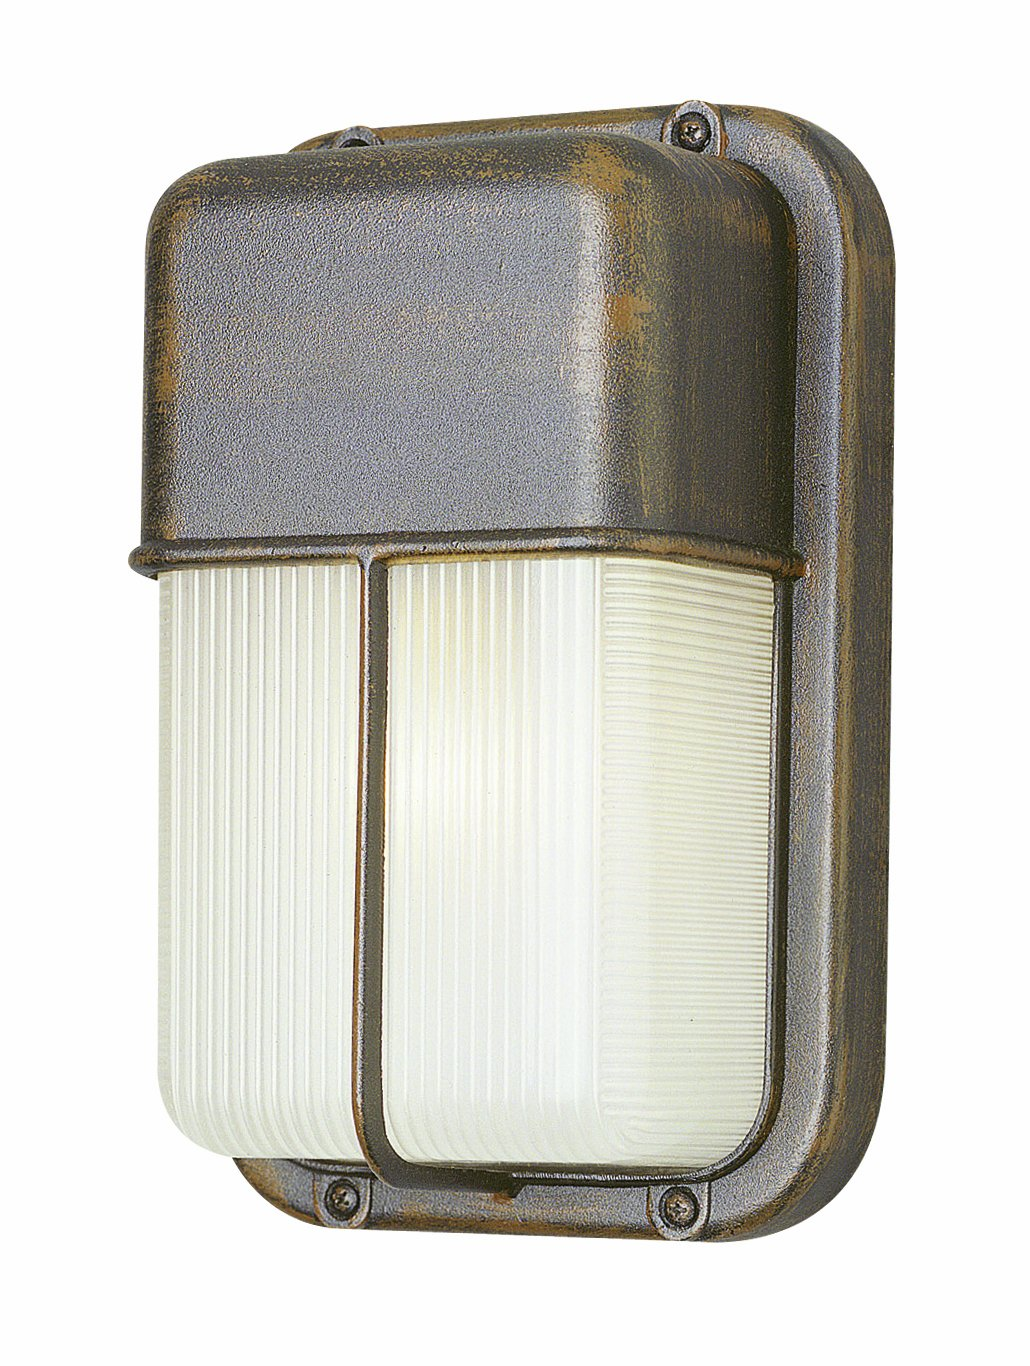 Black Bel Air Lighting Trans Globe Lighting 41103 BK Outdoor Well 10 Bulkhead